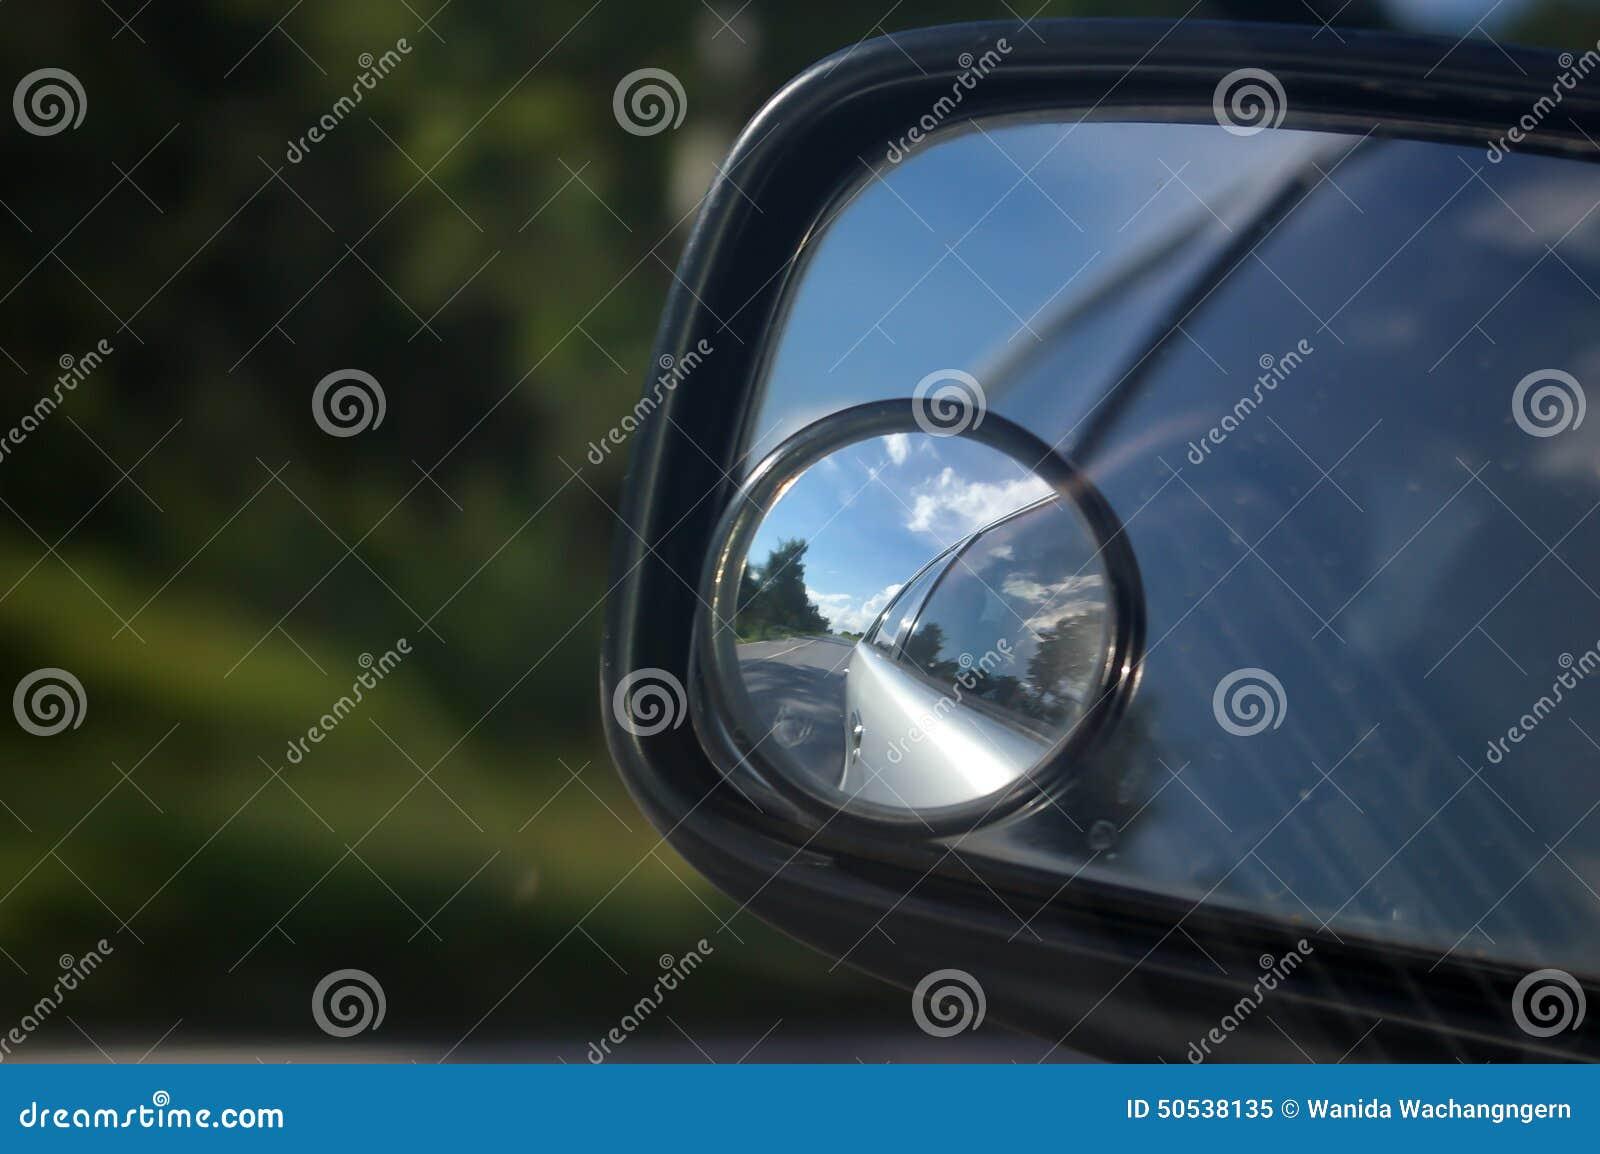 Opinión del camino en una reflexión de espejo de coche